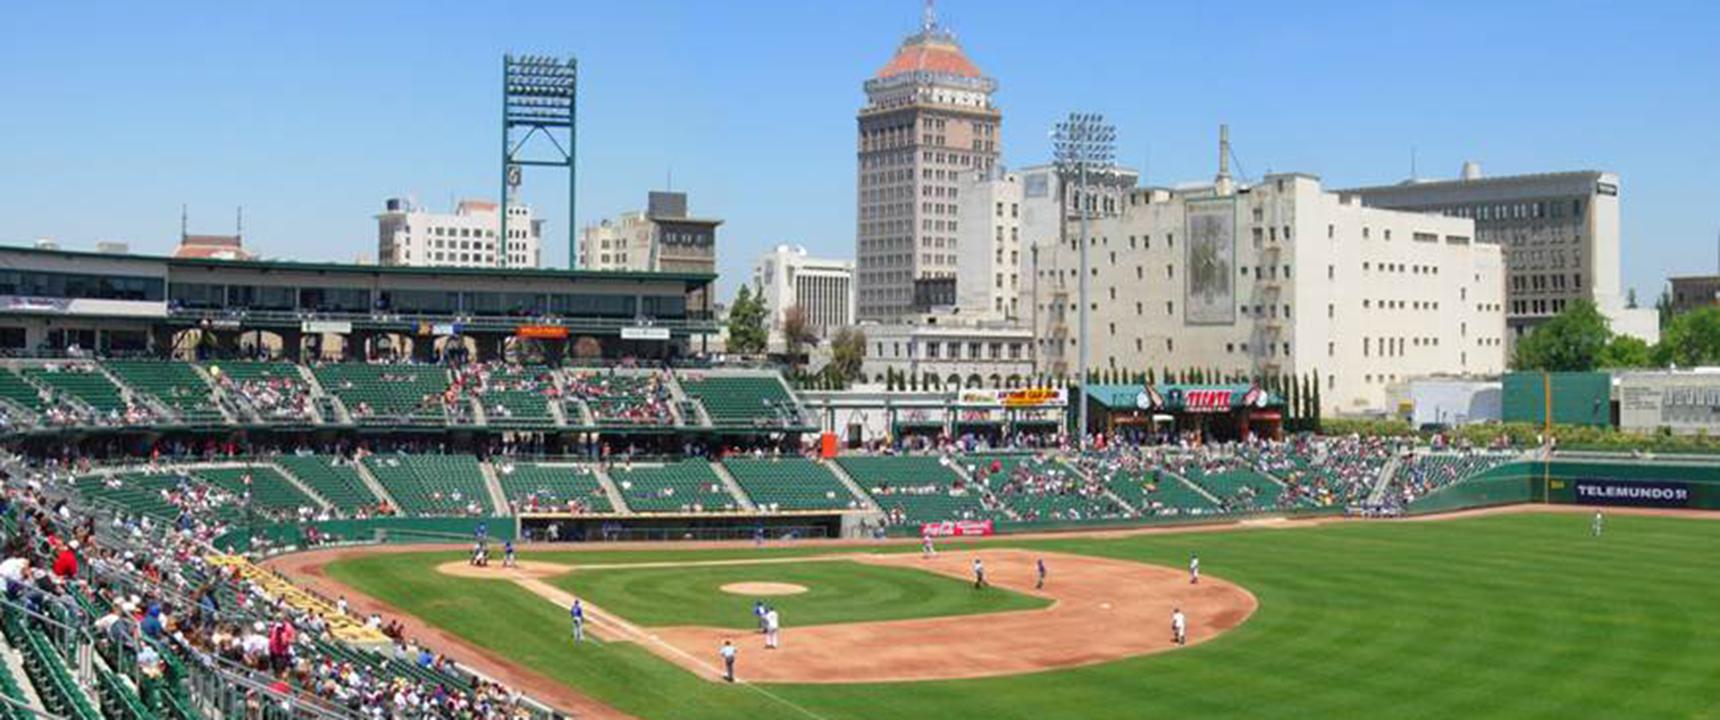 Photo of downtown Fresno, California.